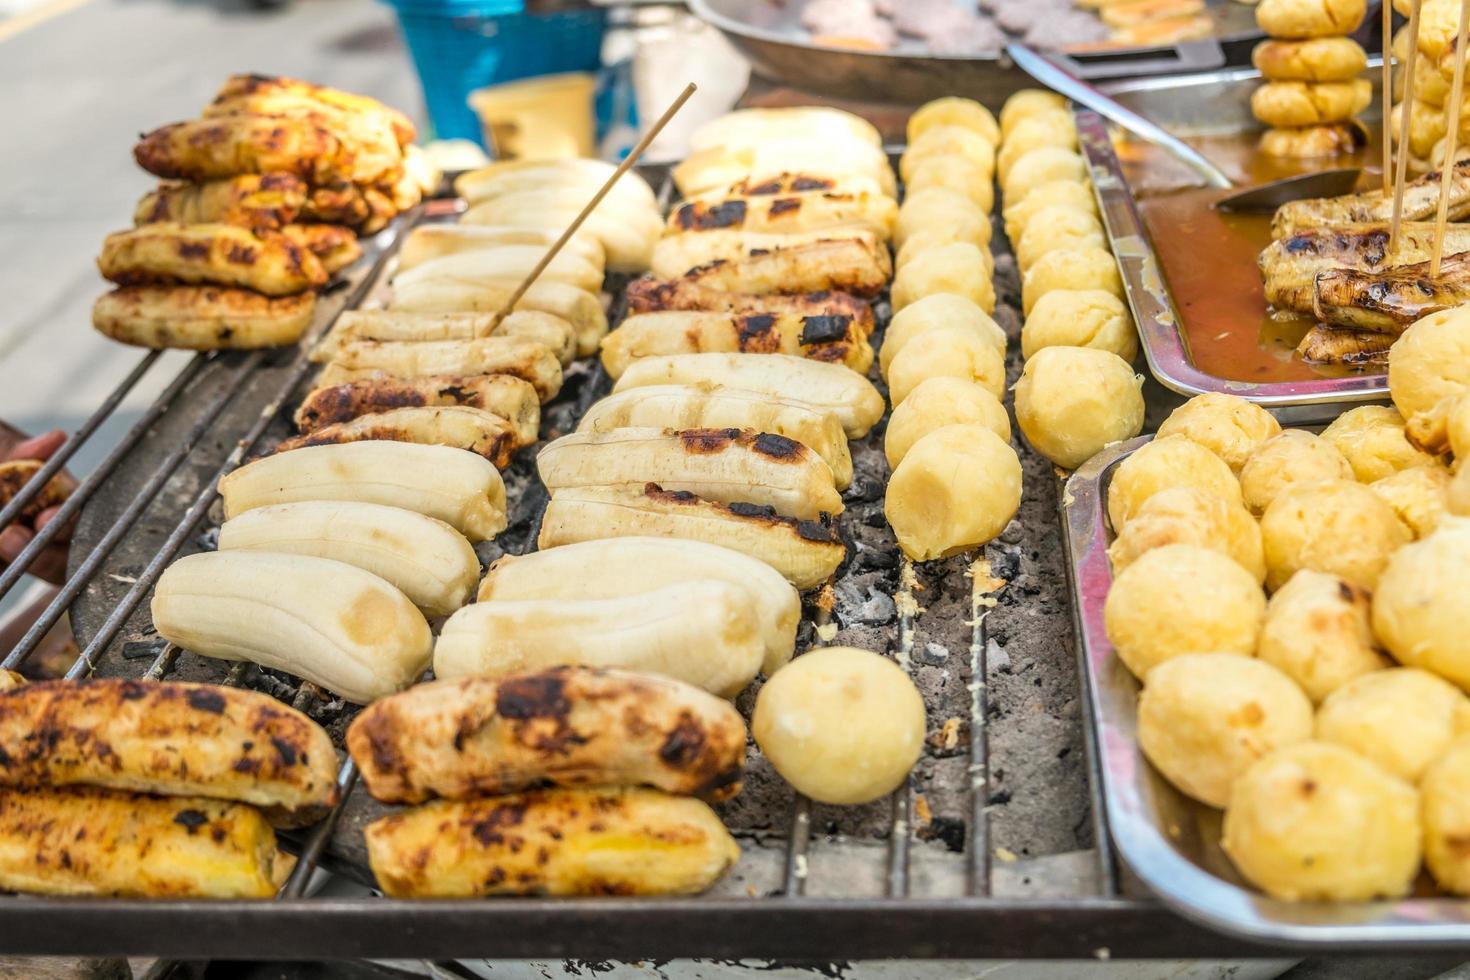 Gegrillte Banane und Süßkartoffel zum Verkauf auf einem lokalen Markt foto